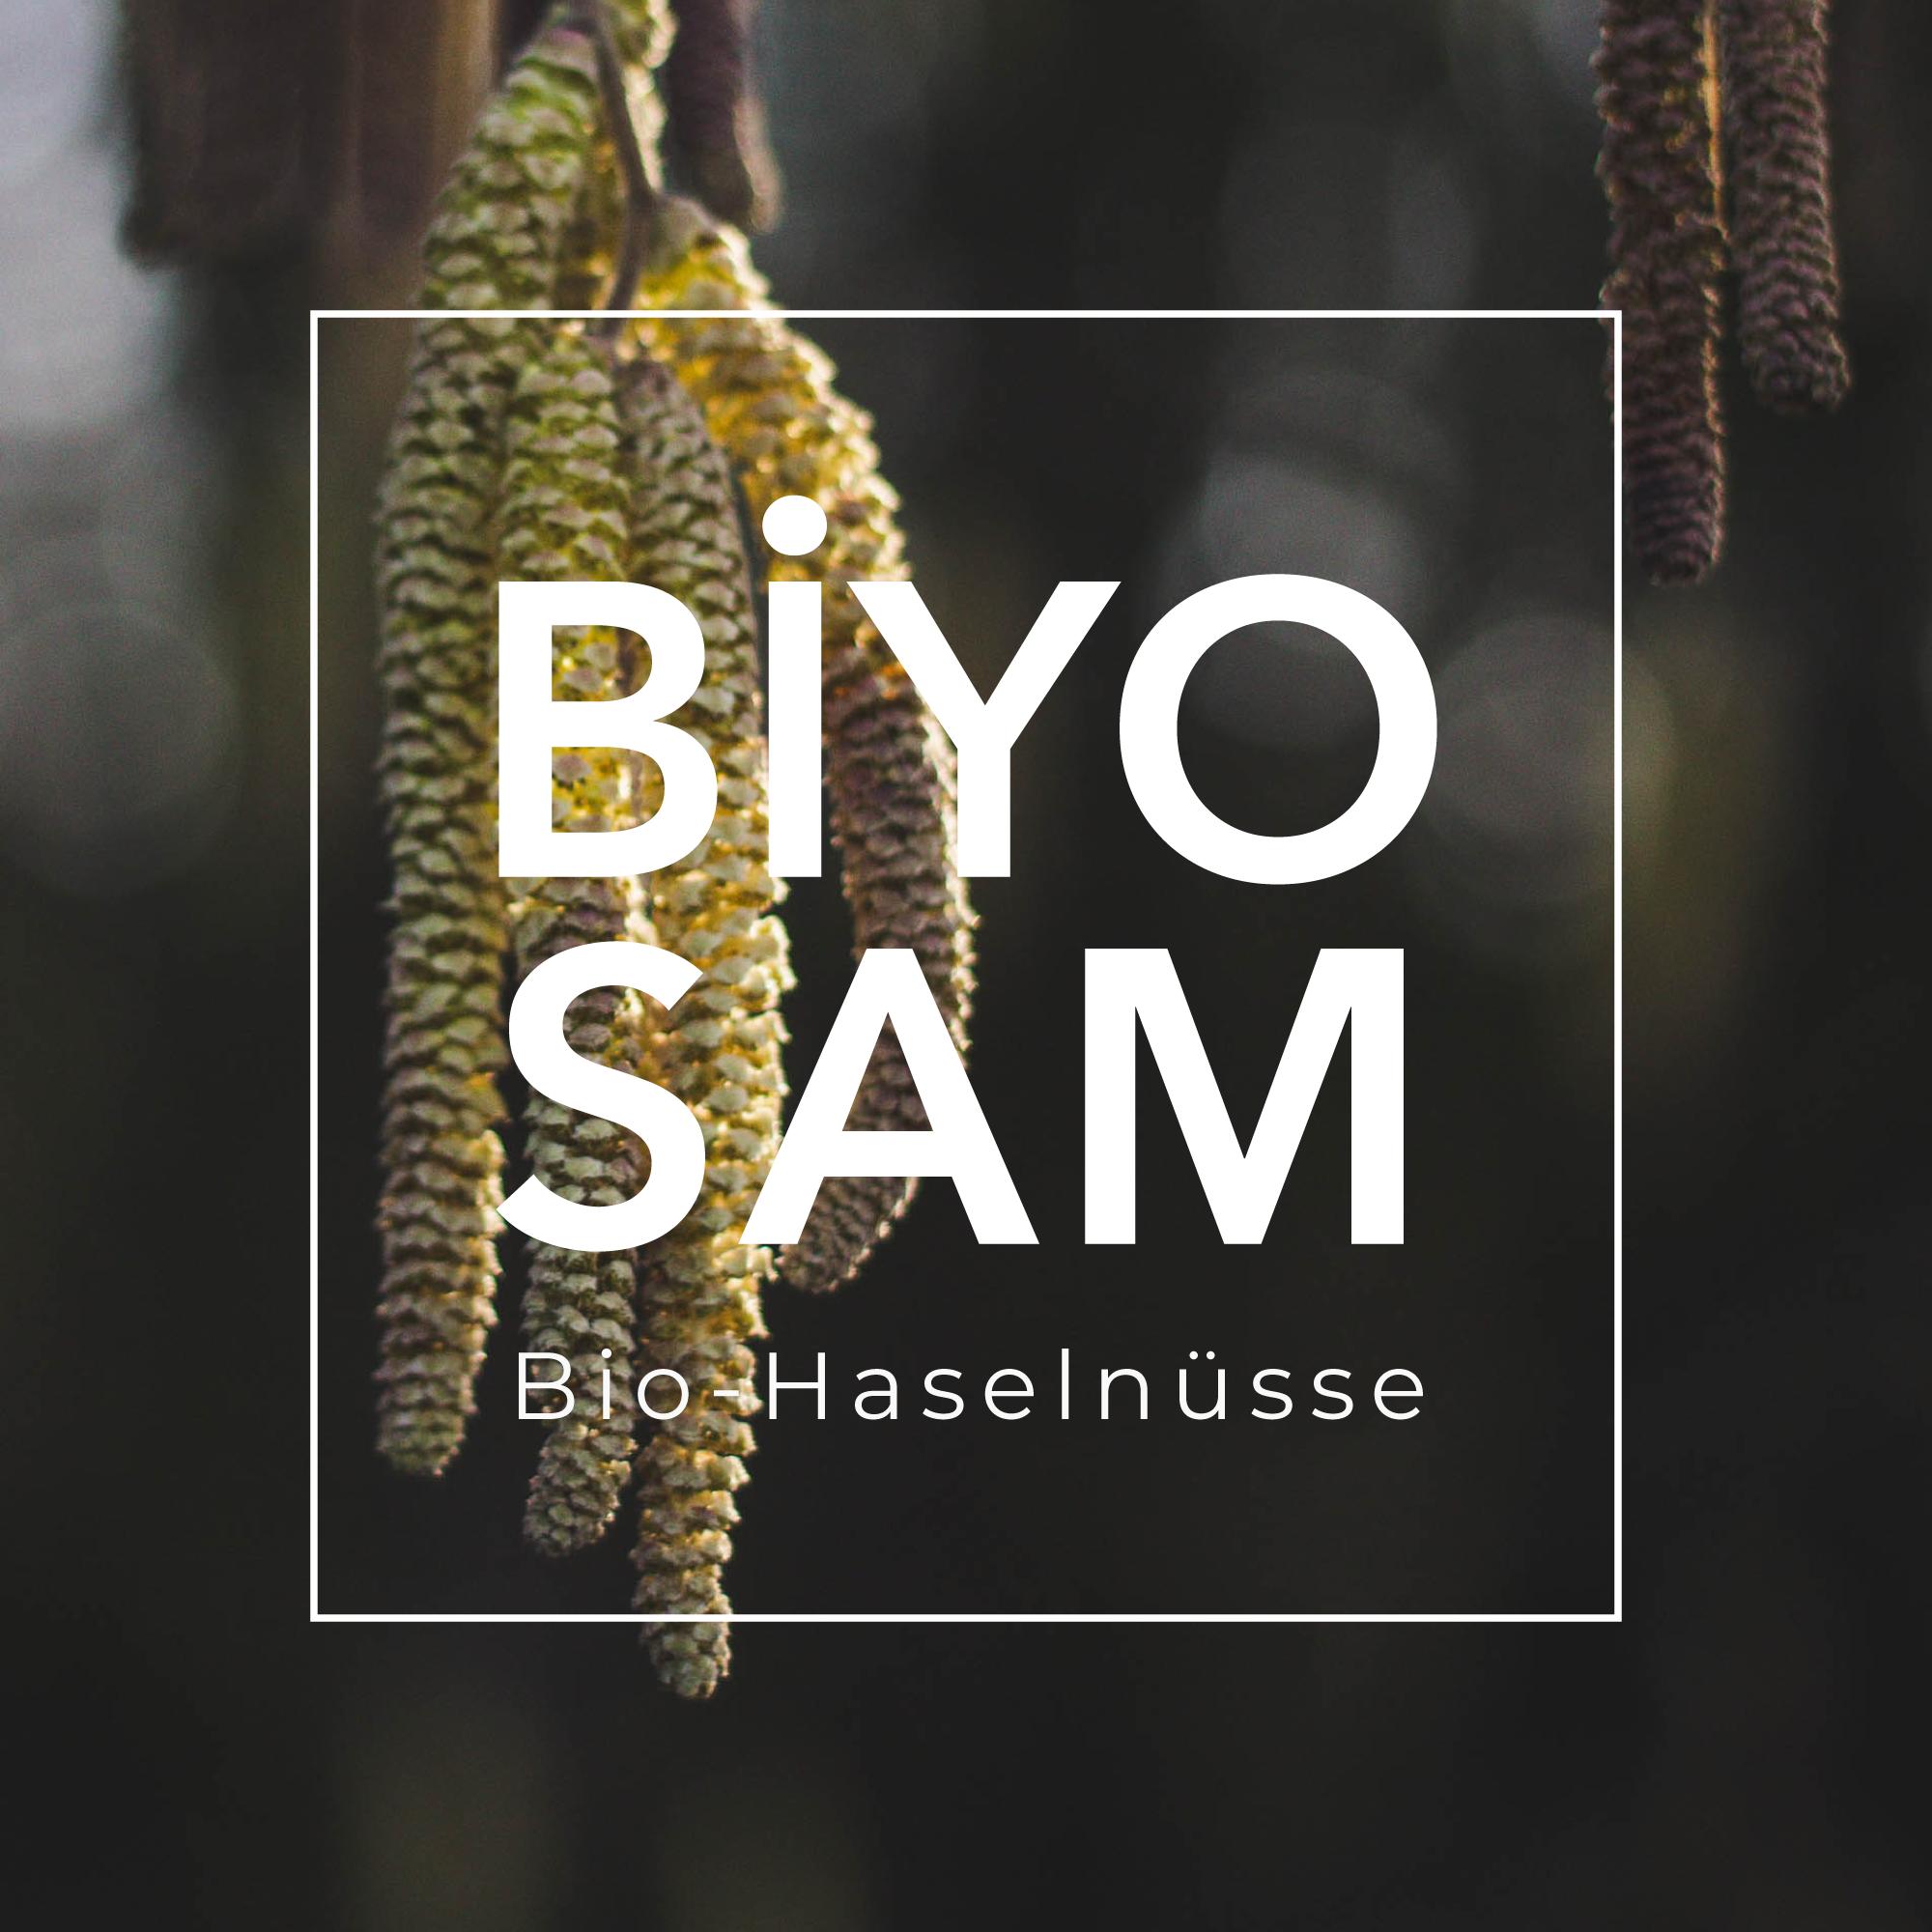 jason-b-graham-biyosam-c99e10